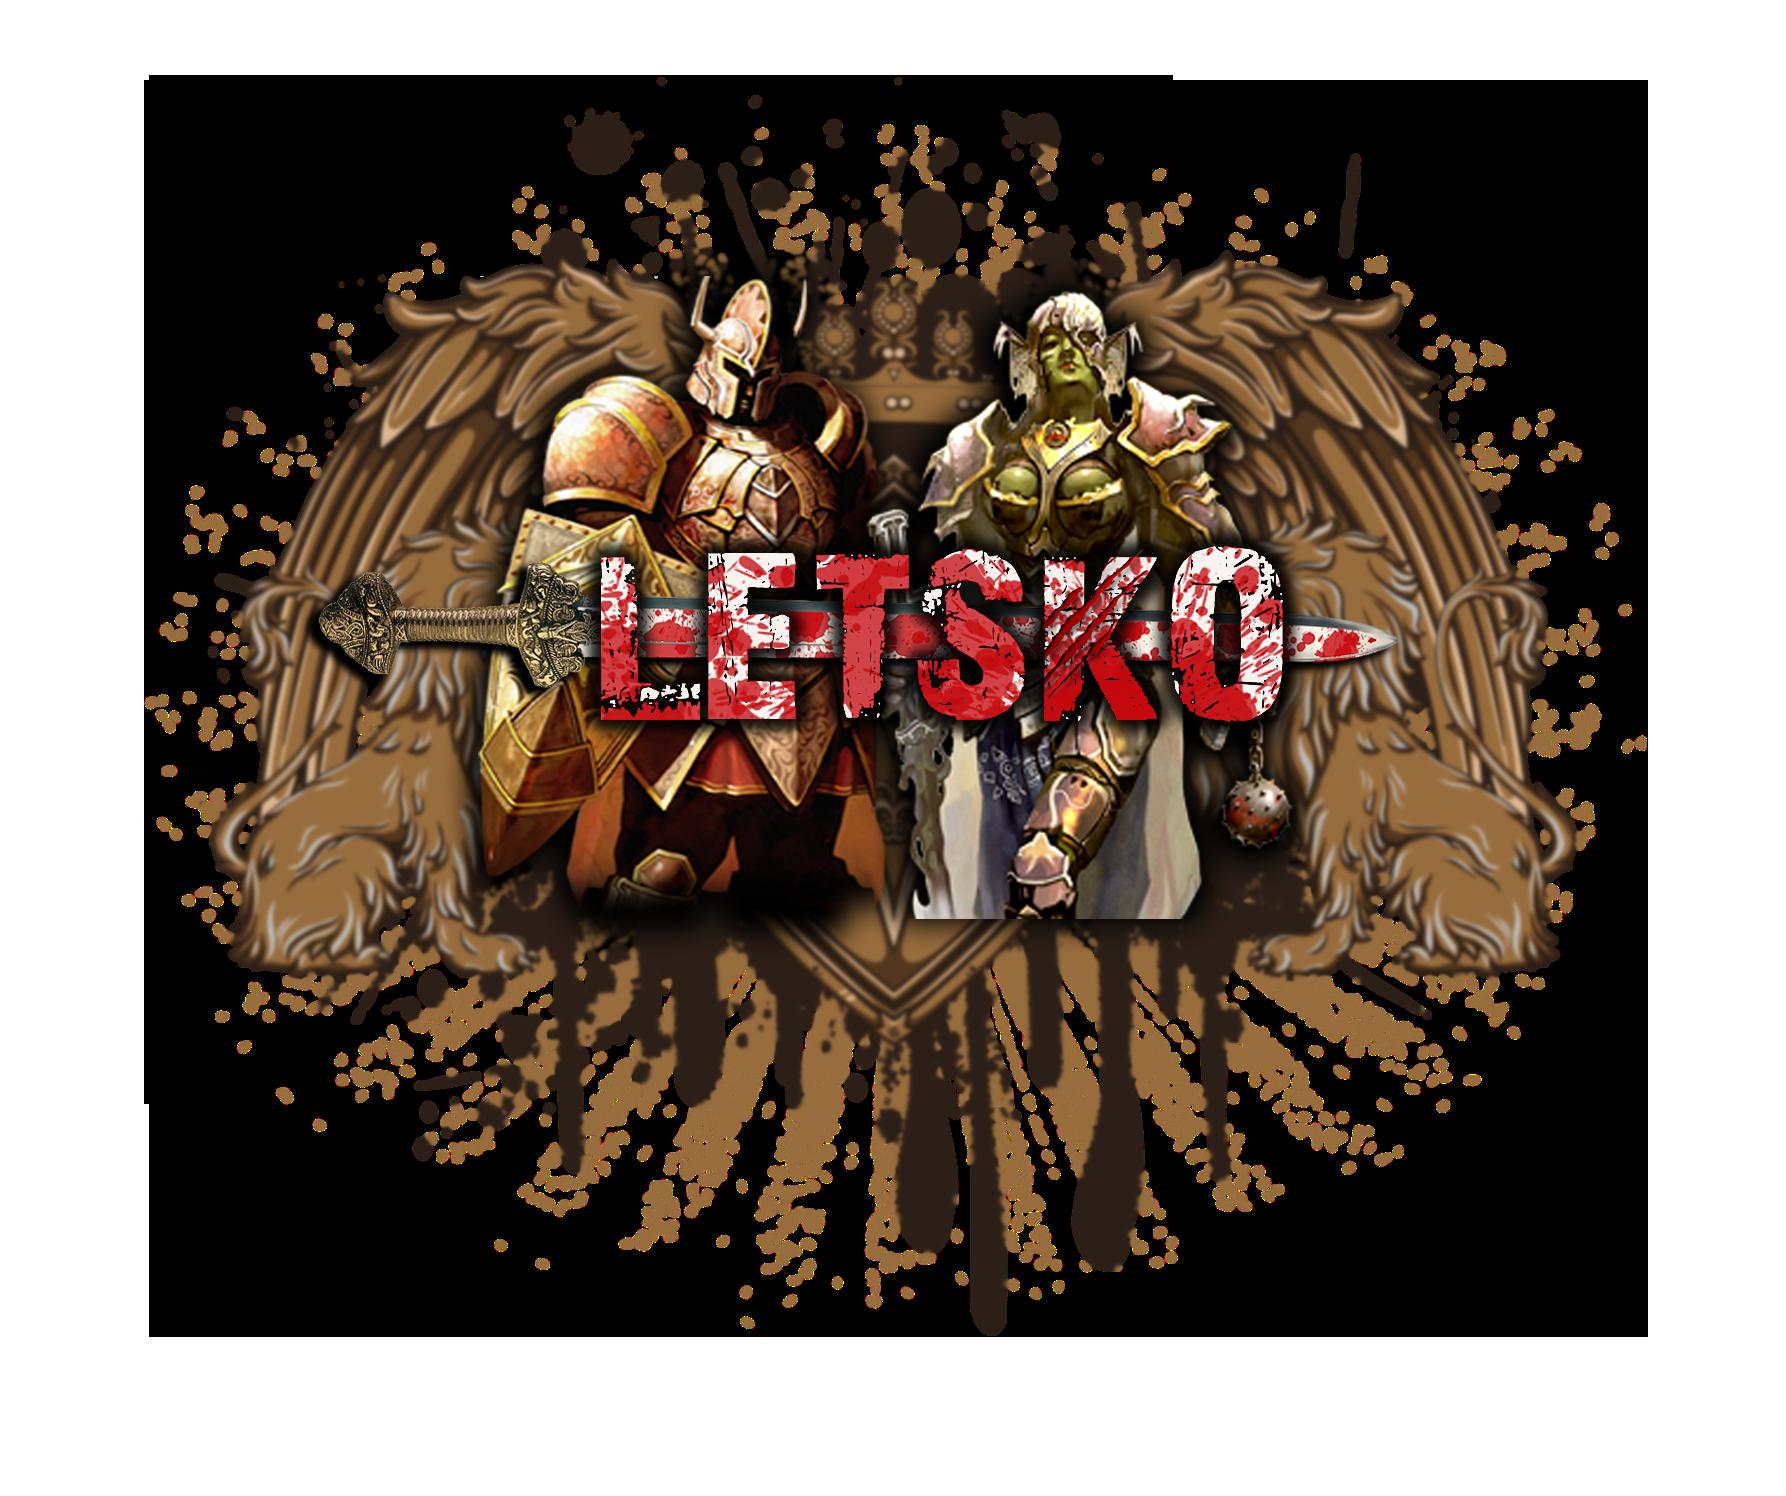 LetsKo